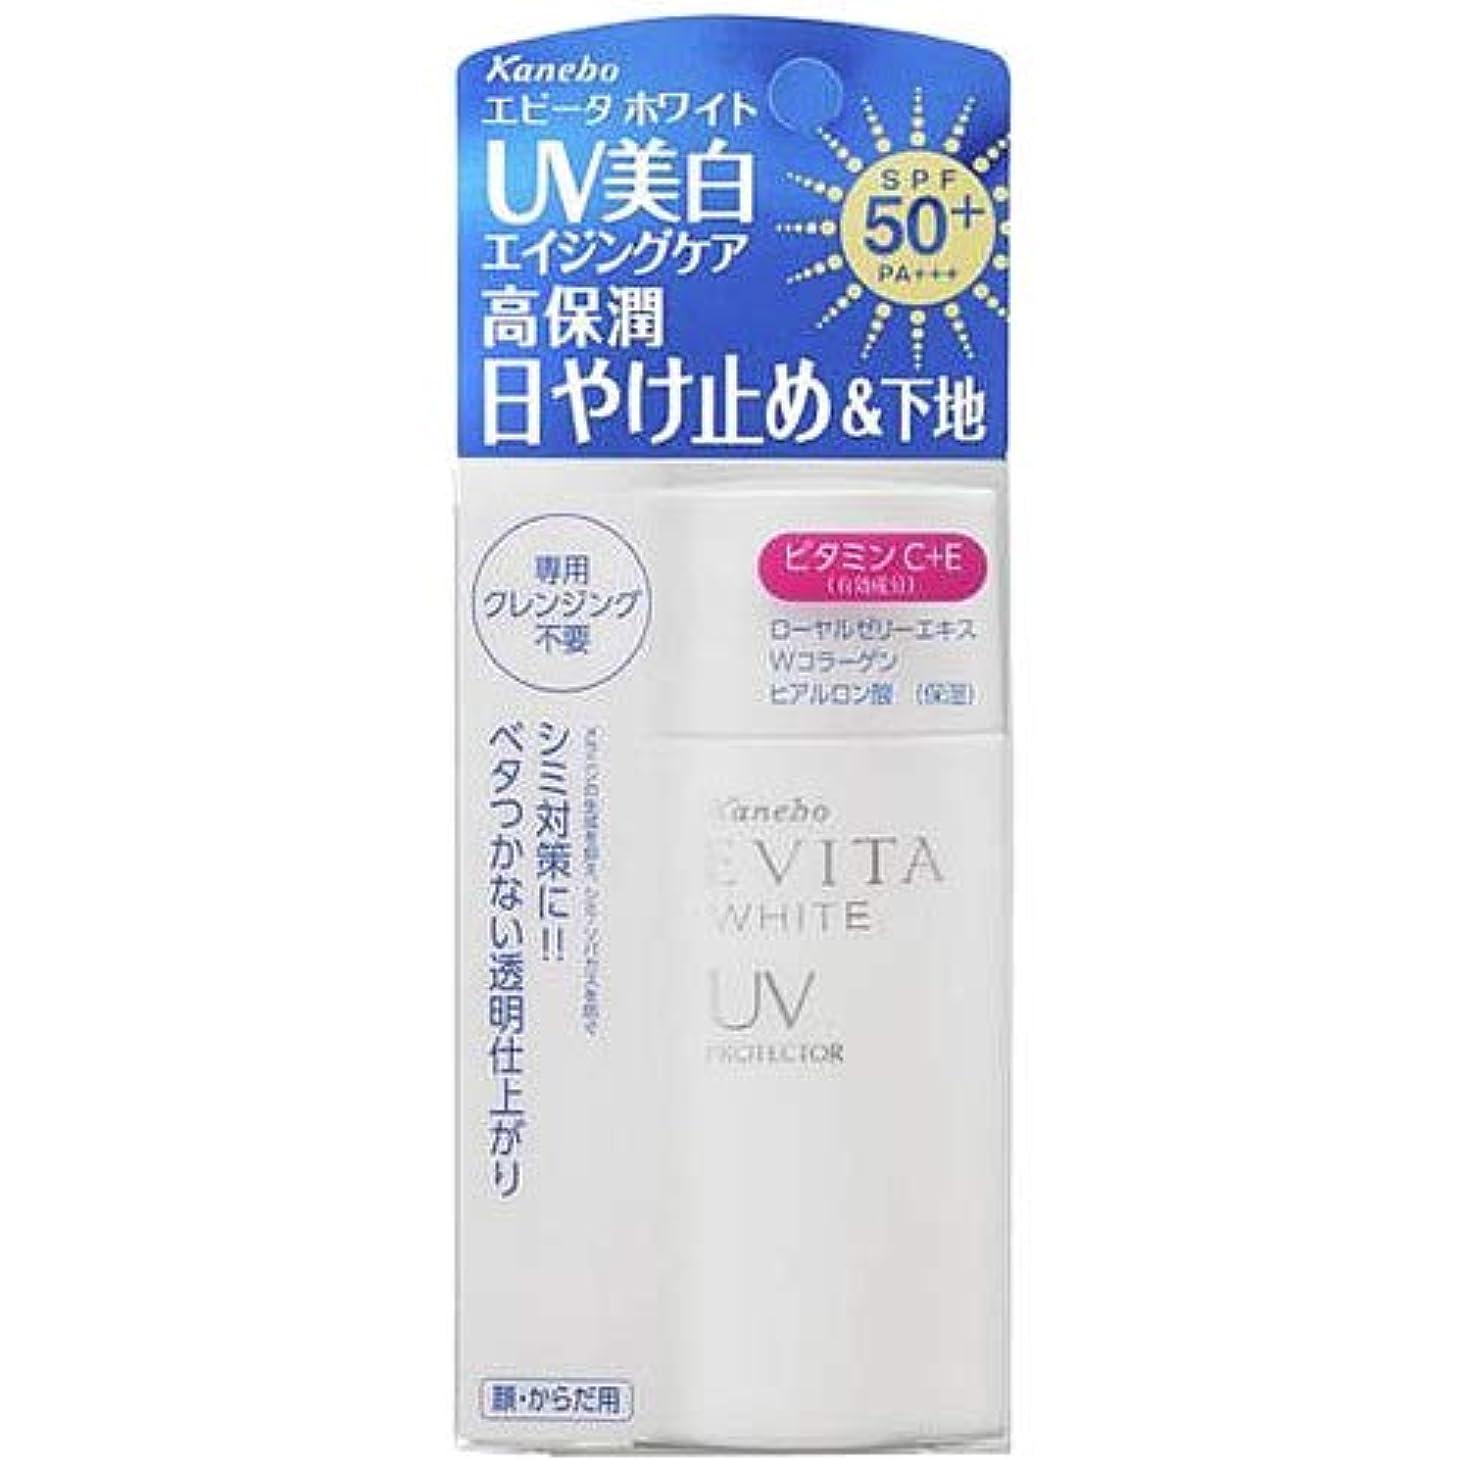 経営者王室フェードカネボウ KANEBO エビータ ホワイト UVプロテクター 50ml [並行輸入品]